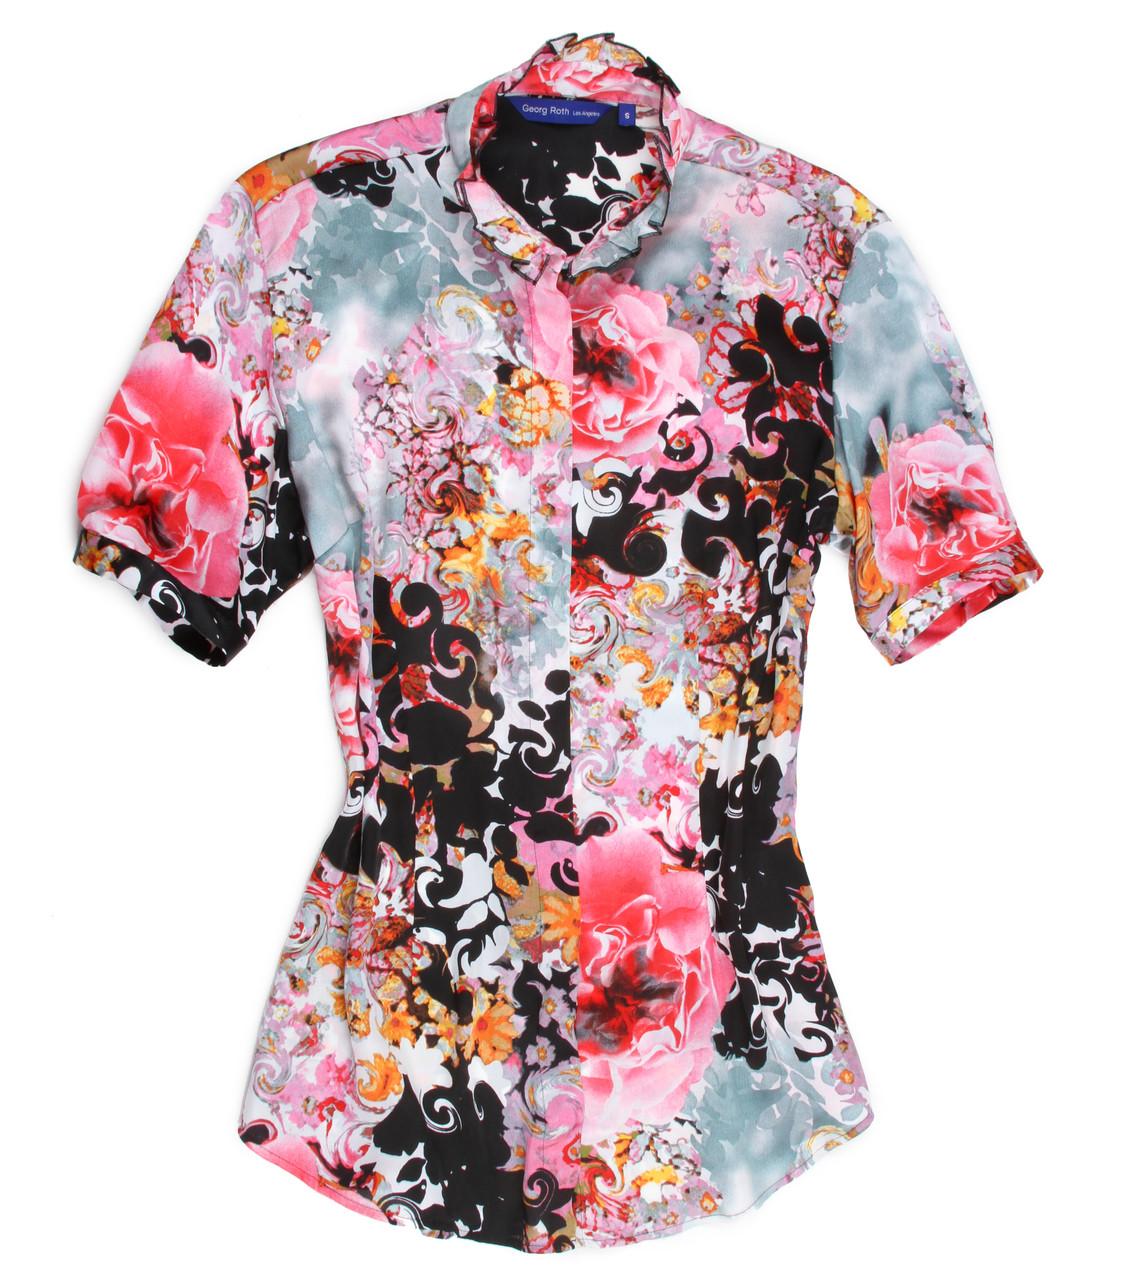 Callie Womens Short Sleeve Jersey Tee